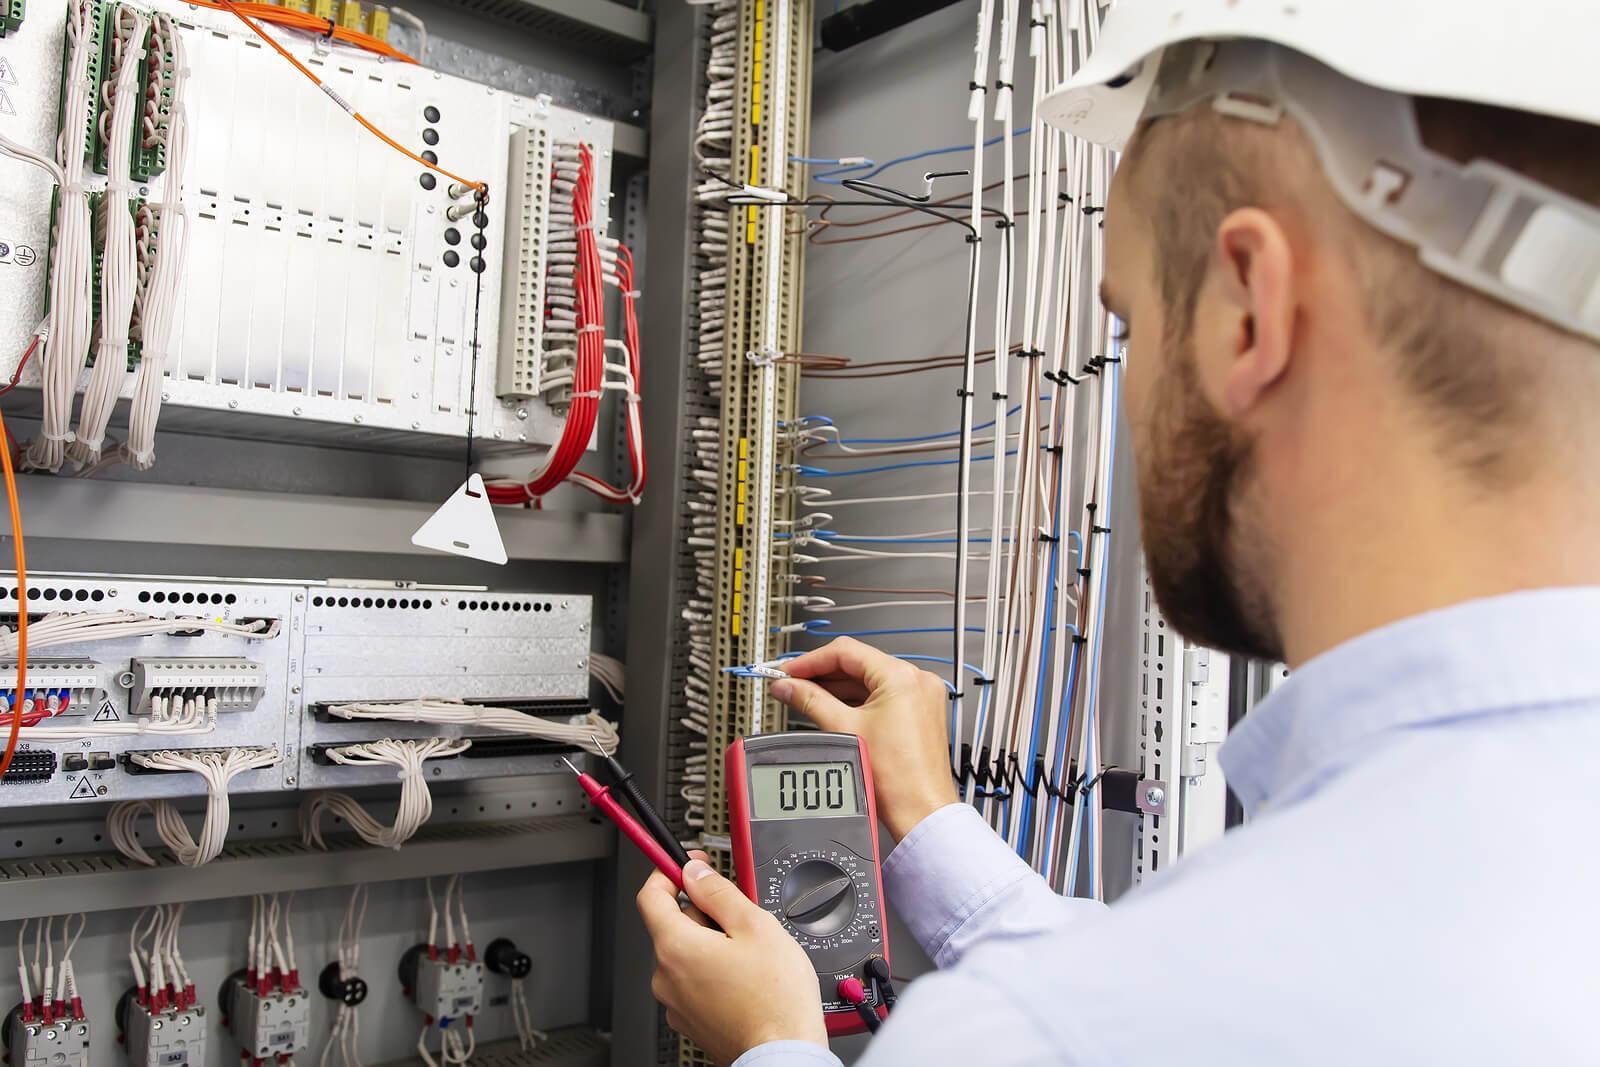 בדיקות חשמל תקופתיות